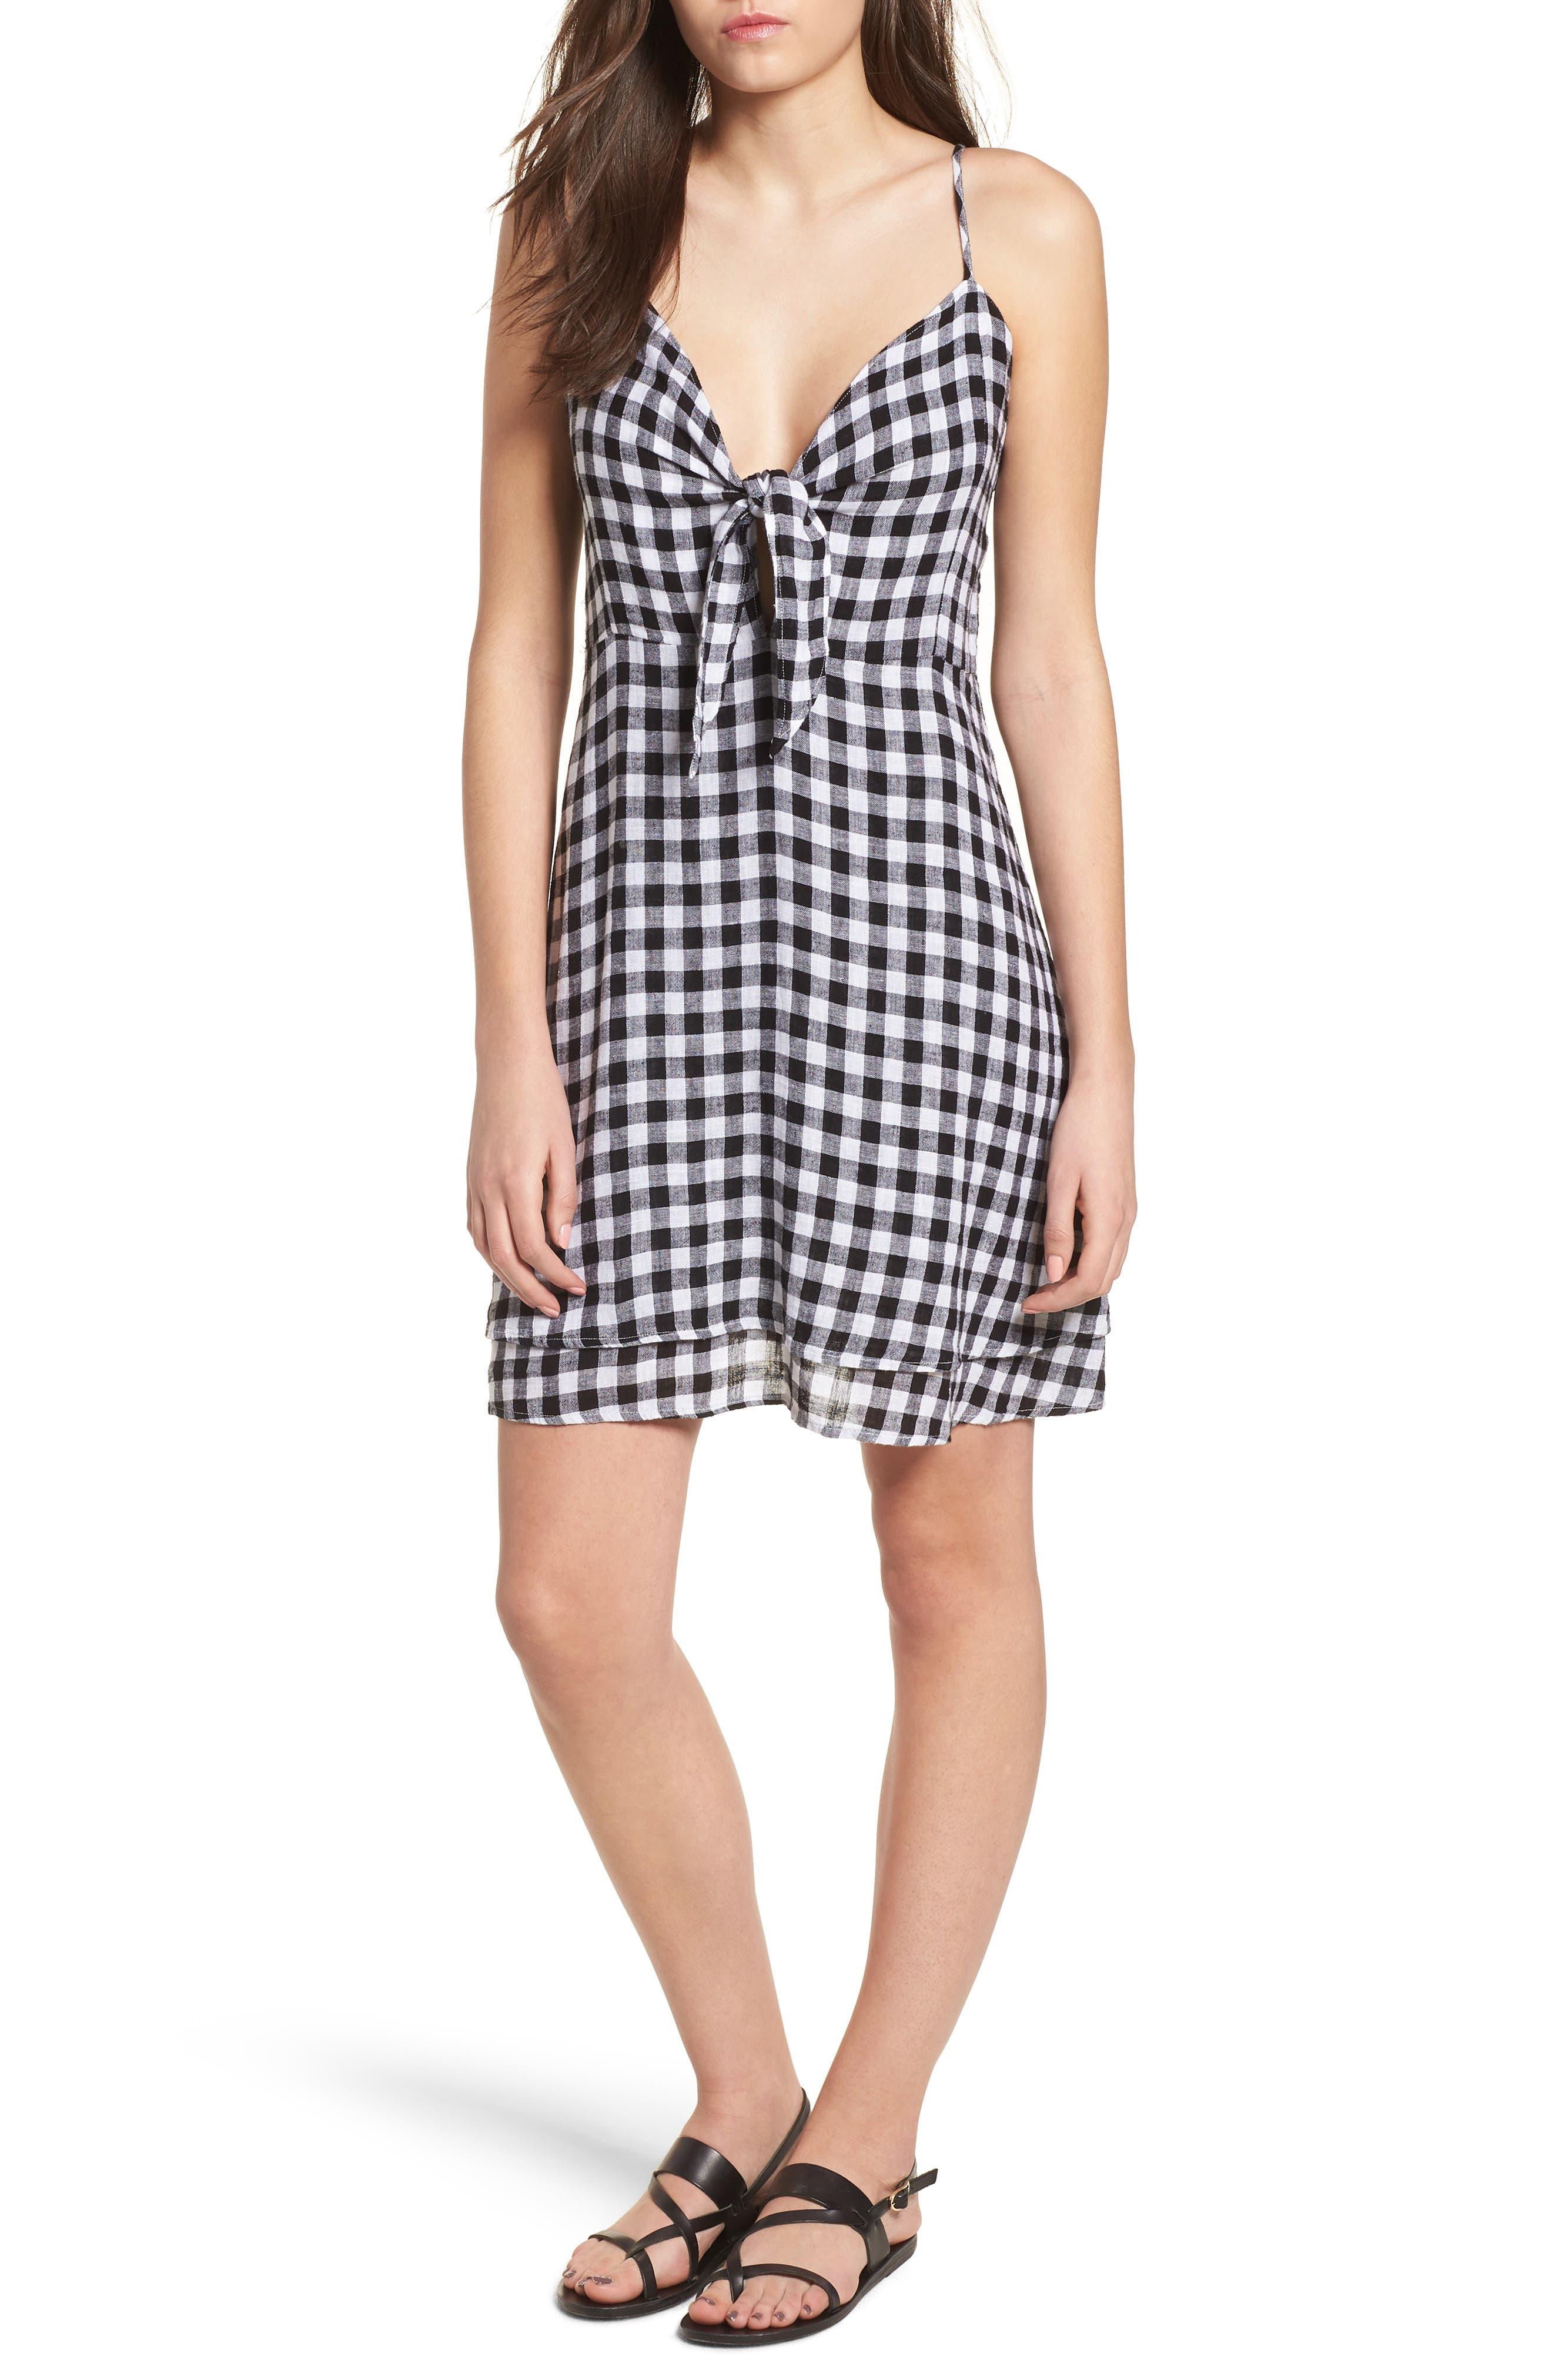 New Styles DRESSES - Short dresses Rails Outlet Deals Clearance Buy Visit mWiZhMWZ